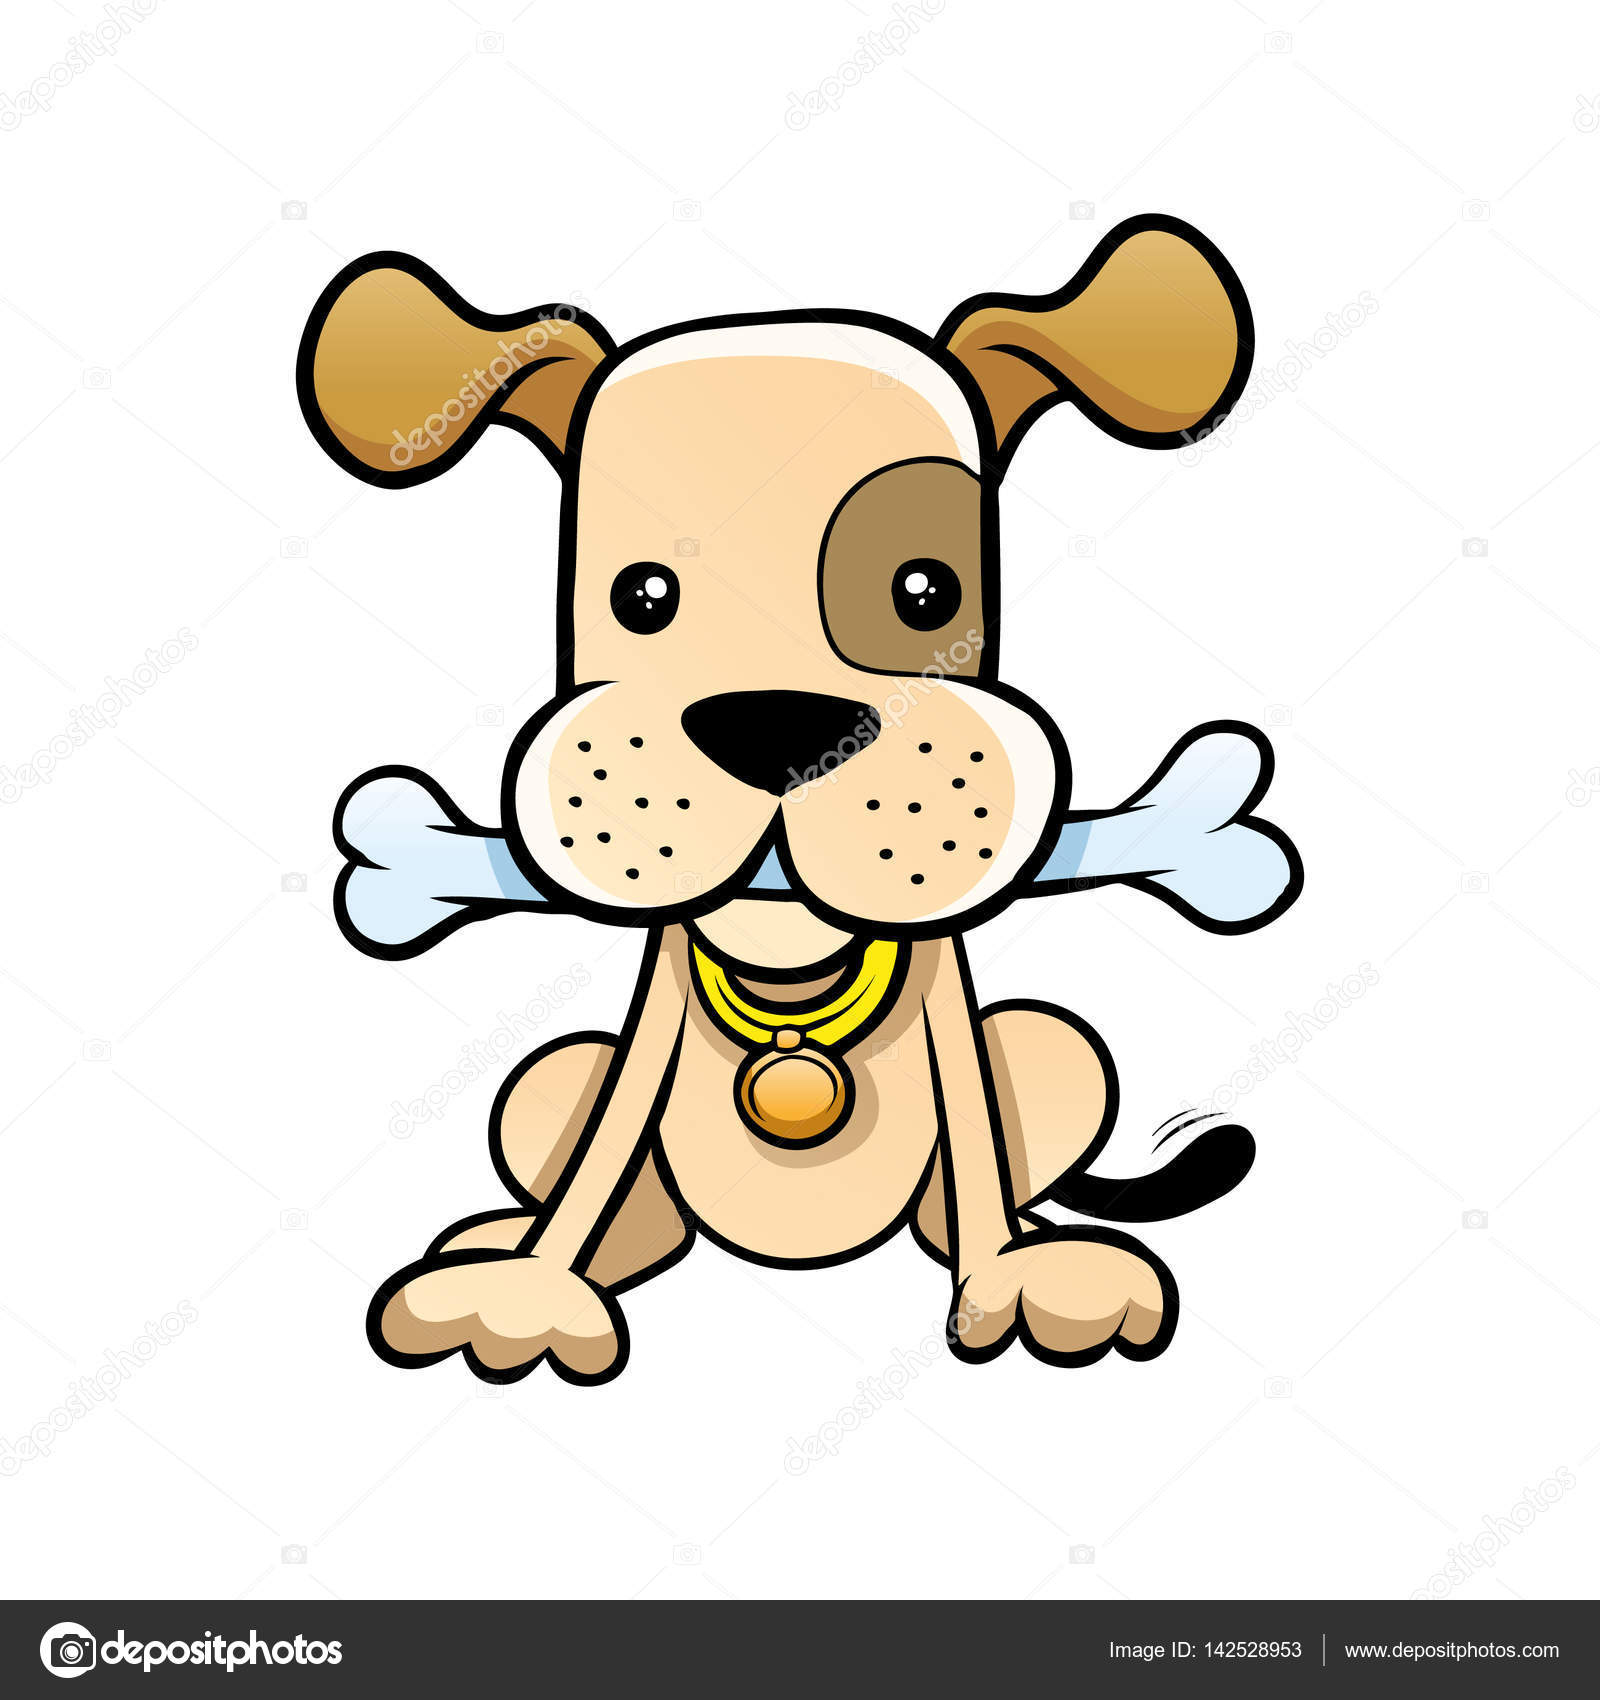 Osso Per Cani Disegno.Illustrazione Osso Con Disegno Cane Con Il Disegno Dell